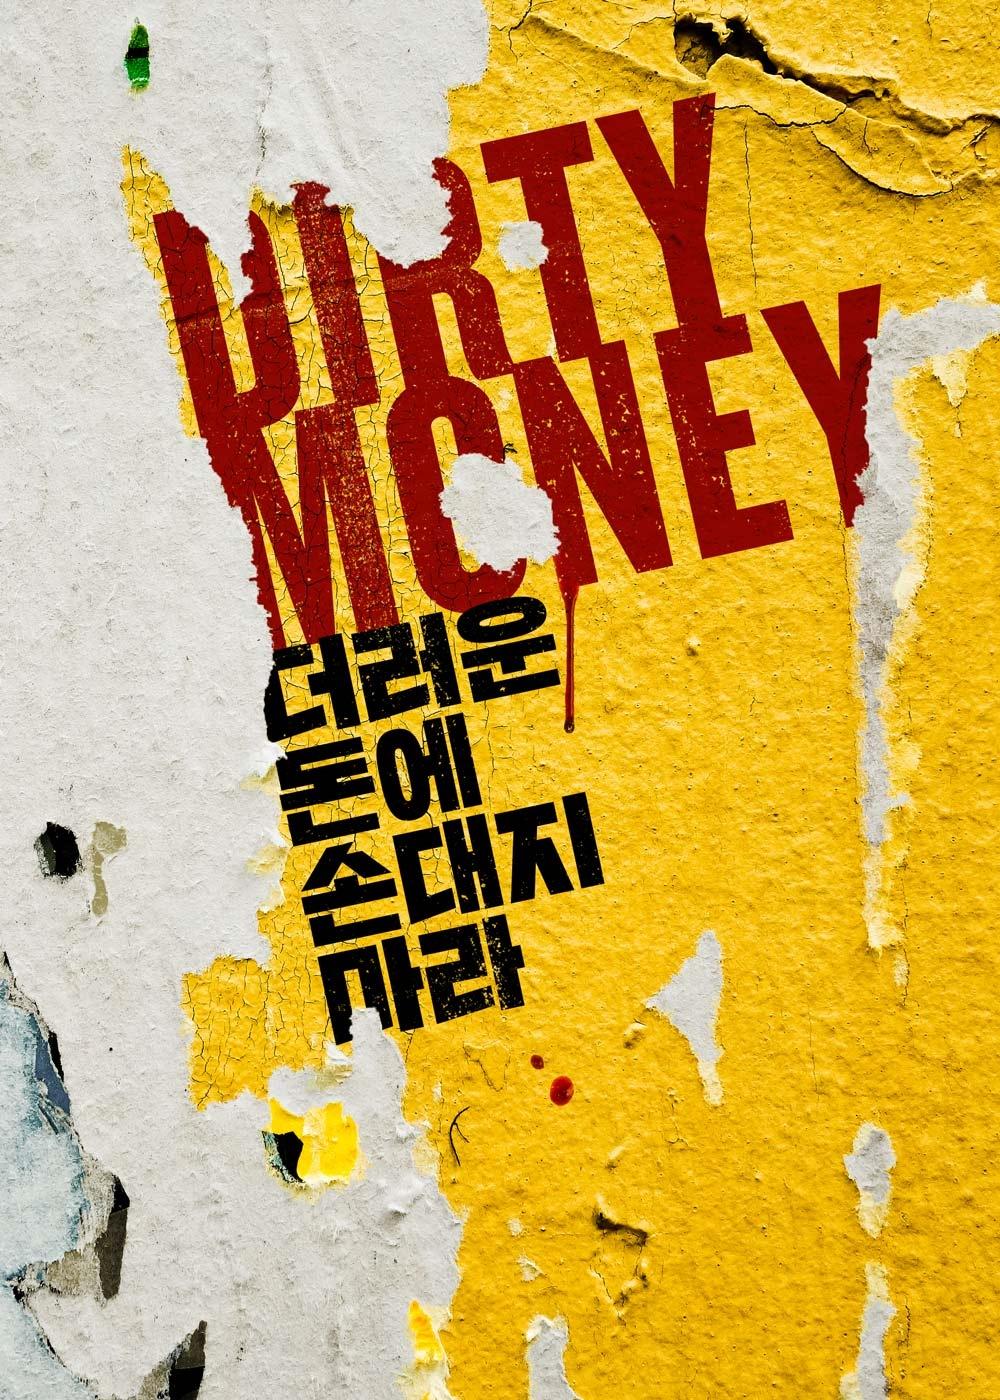 영화 '더러운 돈에 손대지 마라' 포스터. 사진 에이스메이커무비웍스